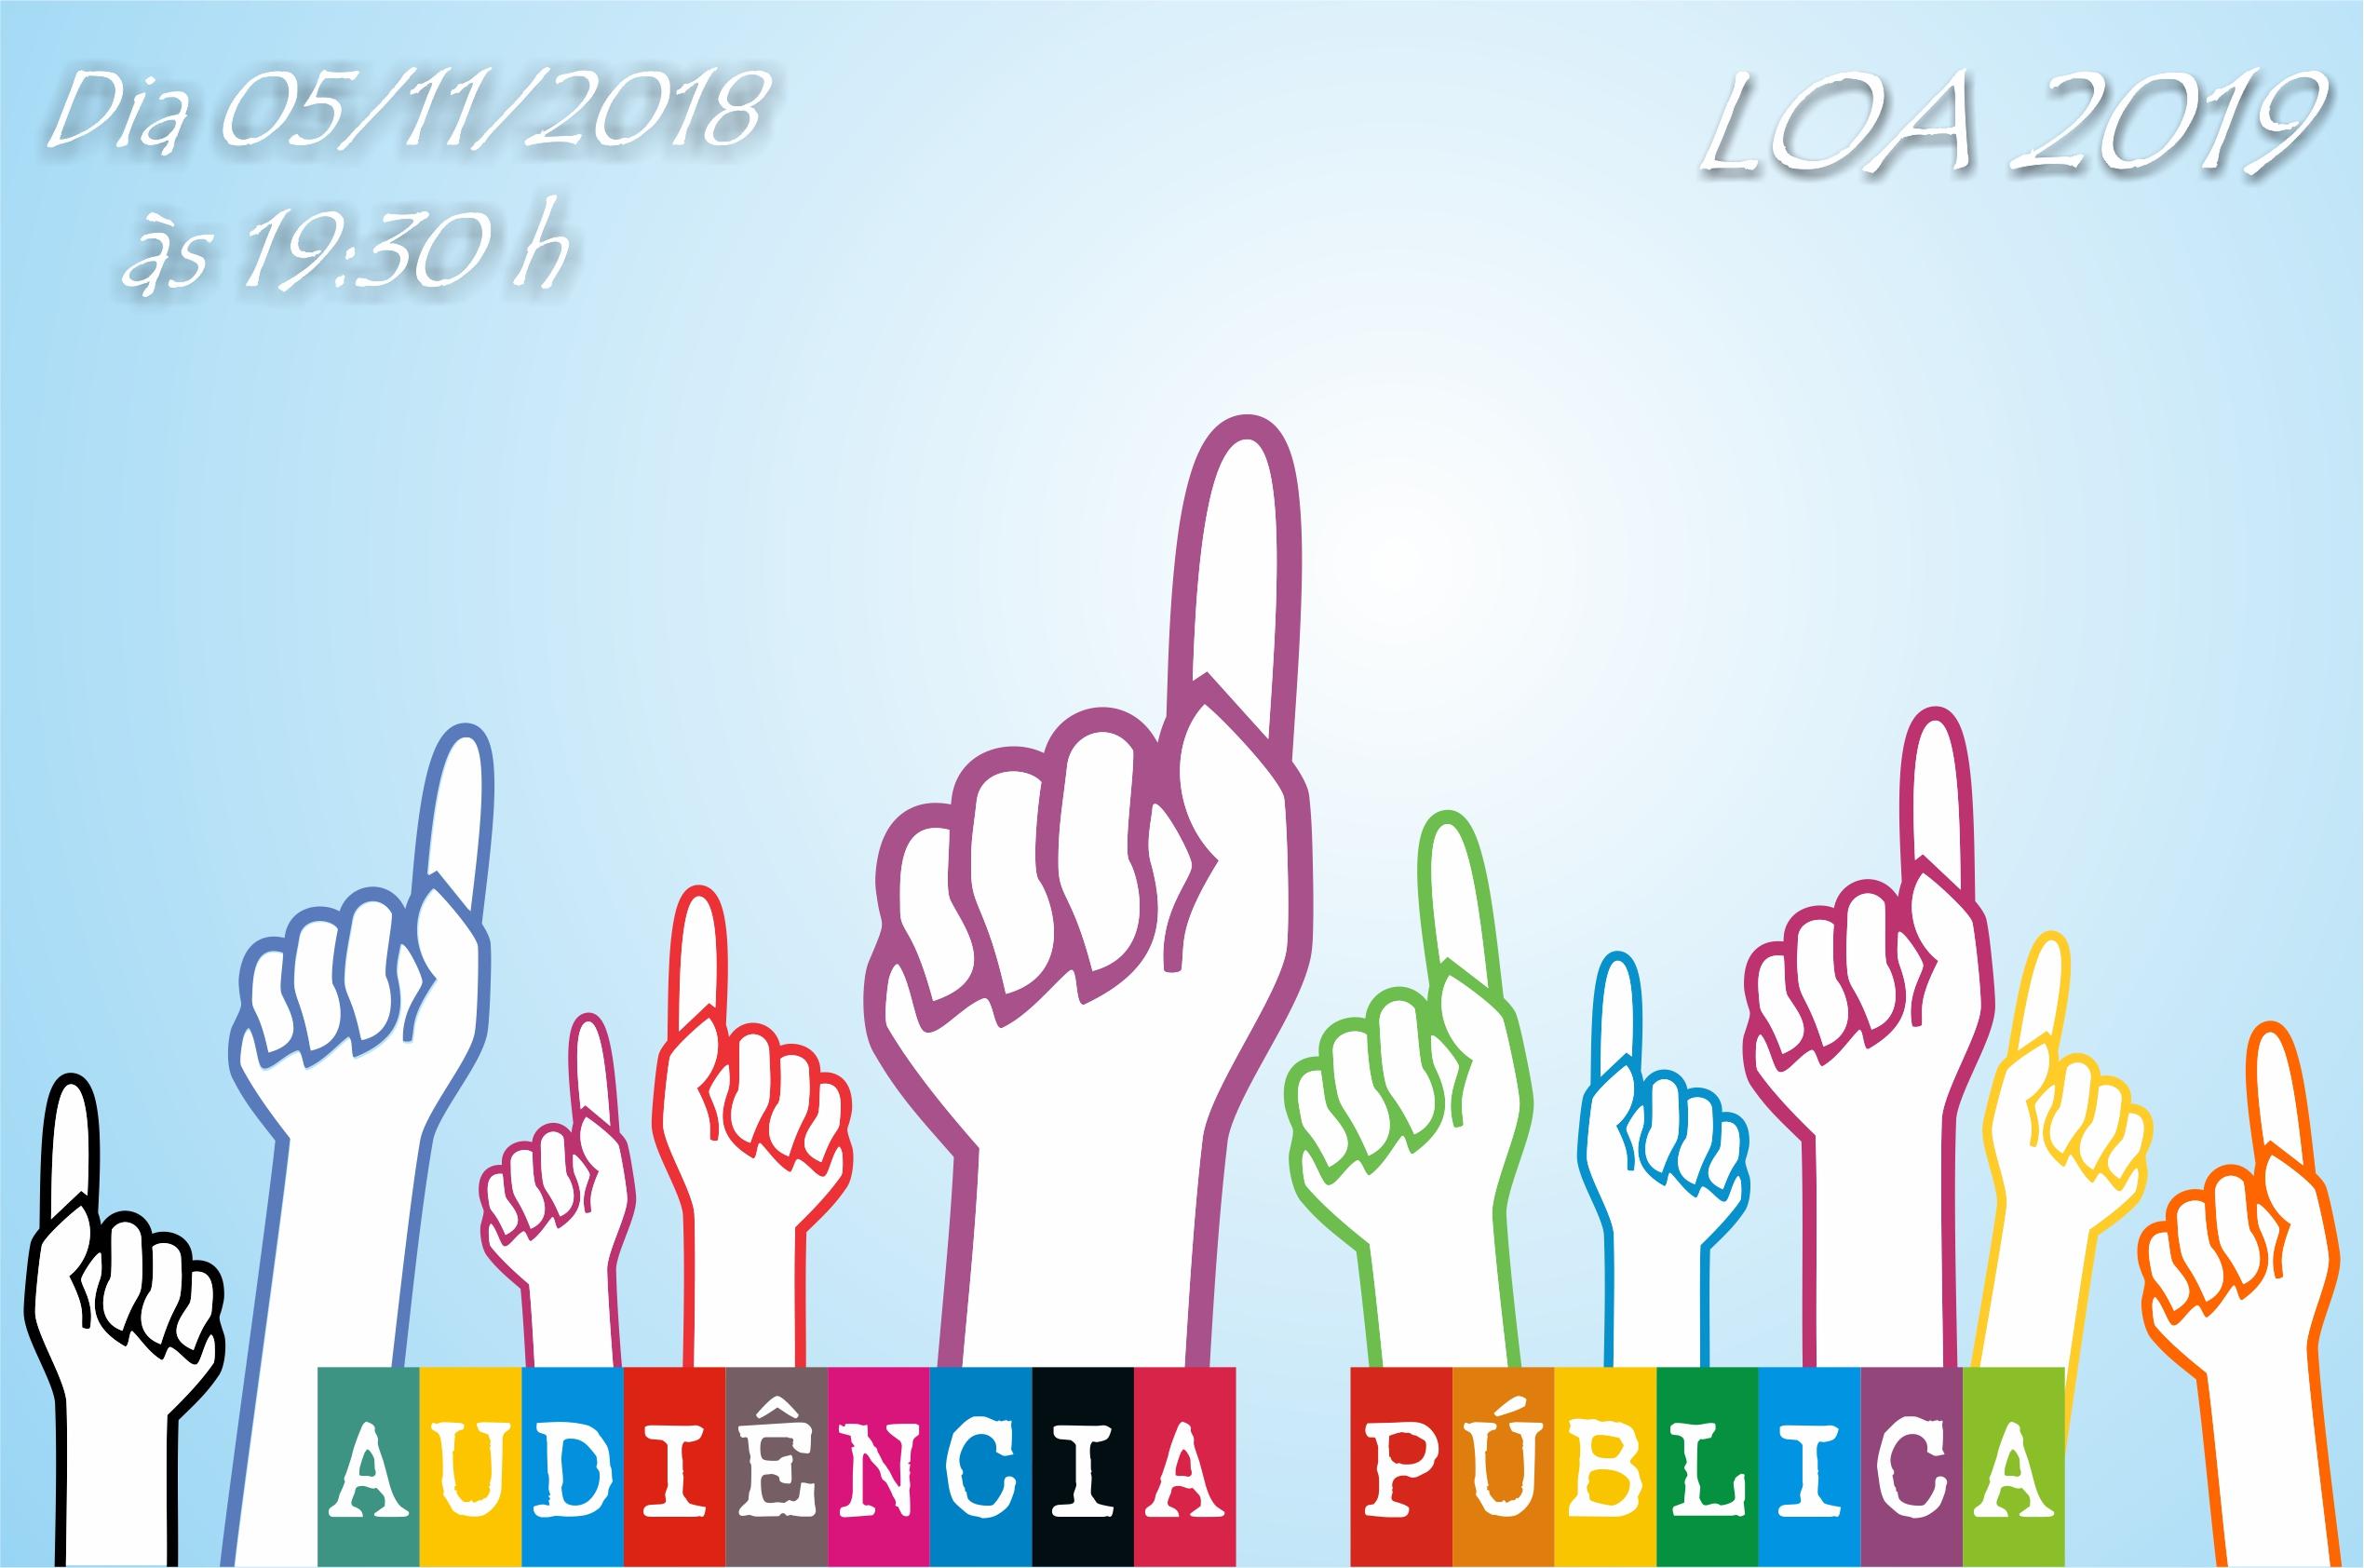 Audiência Pública - LOA 2019